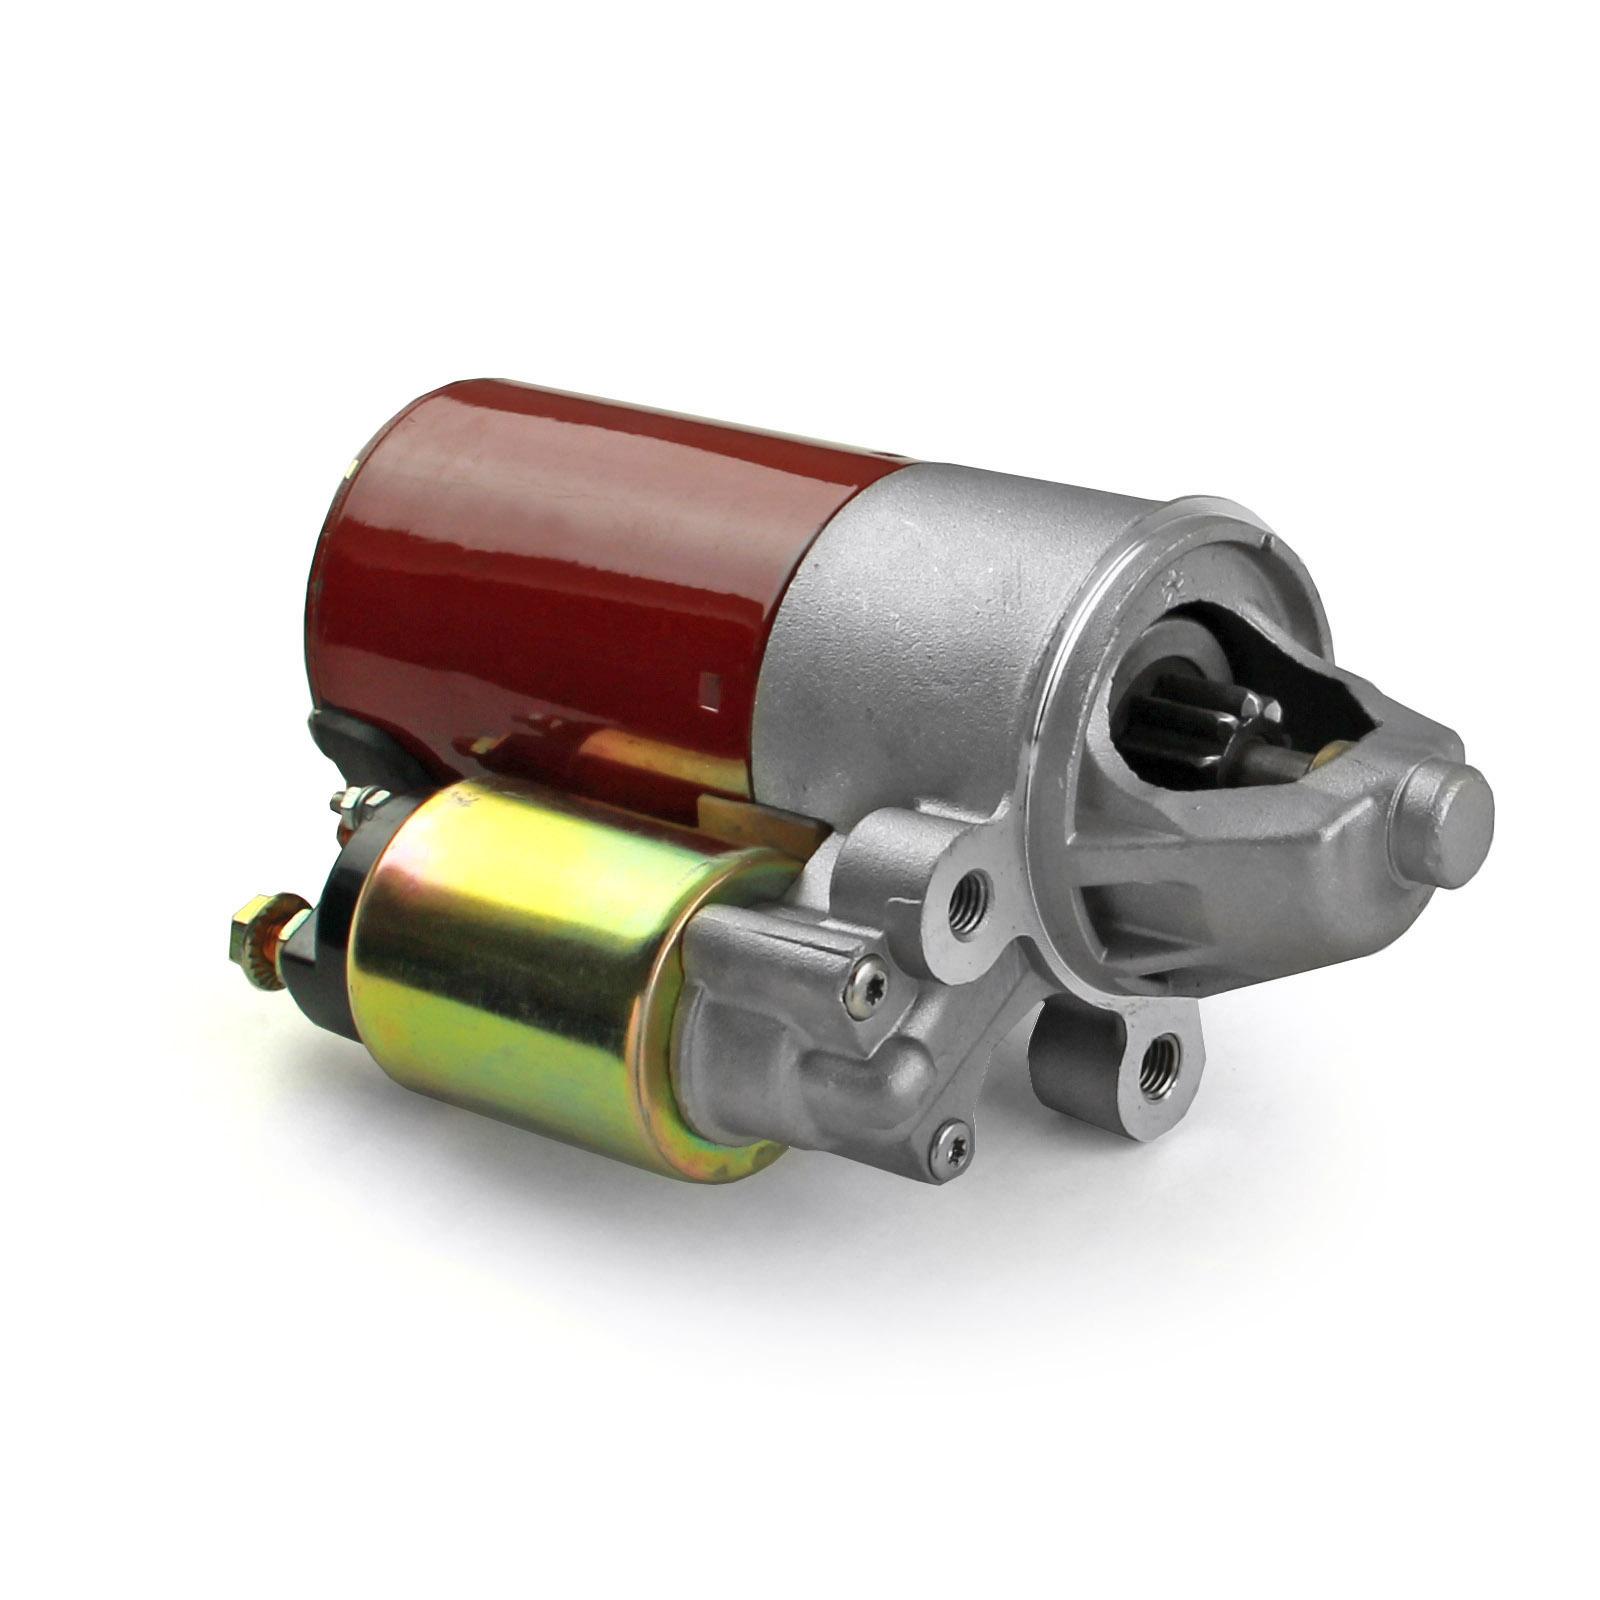 Ford 302 Windsor 5.0L EFI Windsor 3 Bolt High Torque Auto Trans Starter Motor